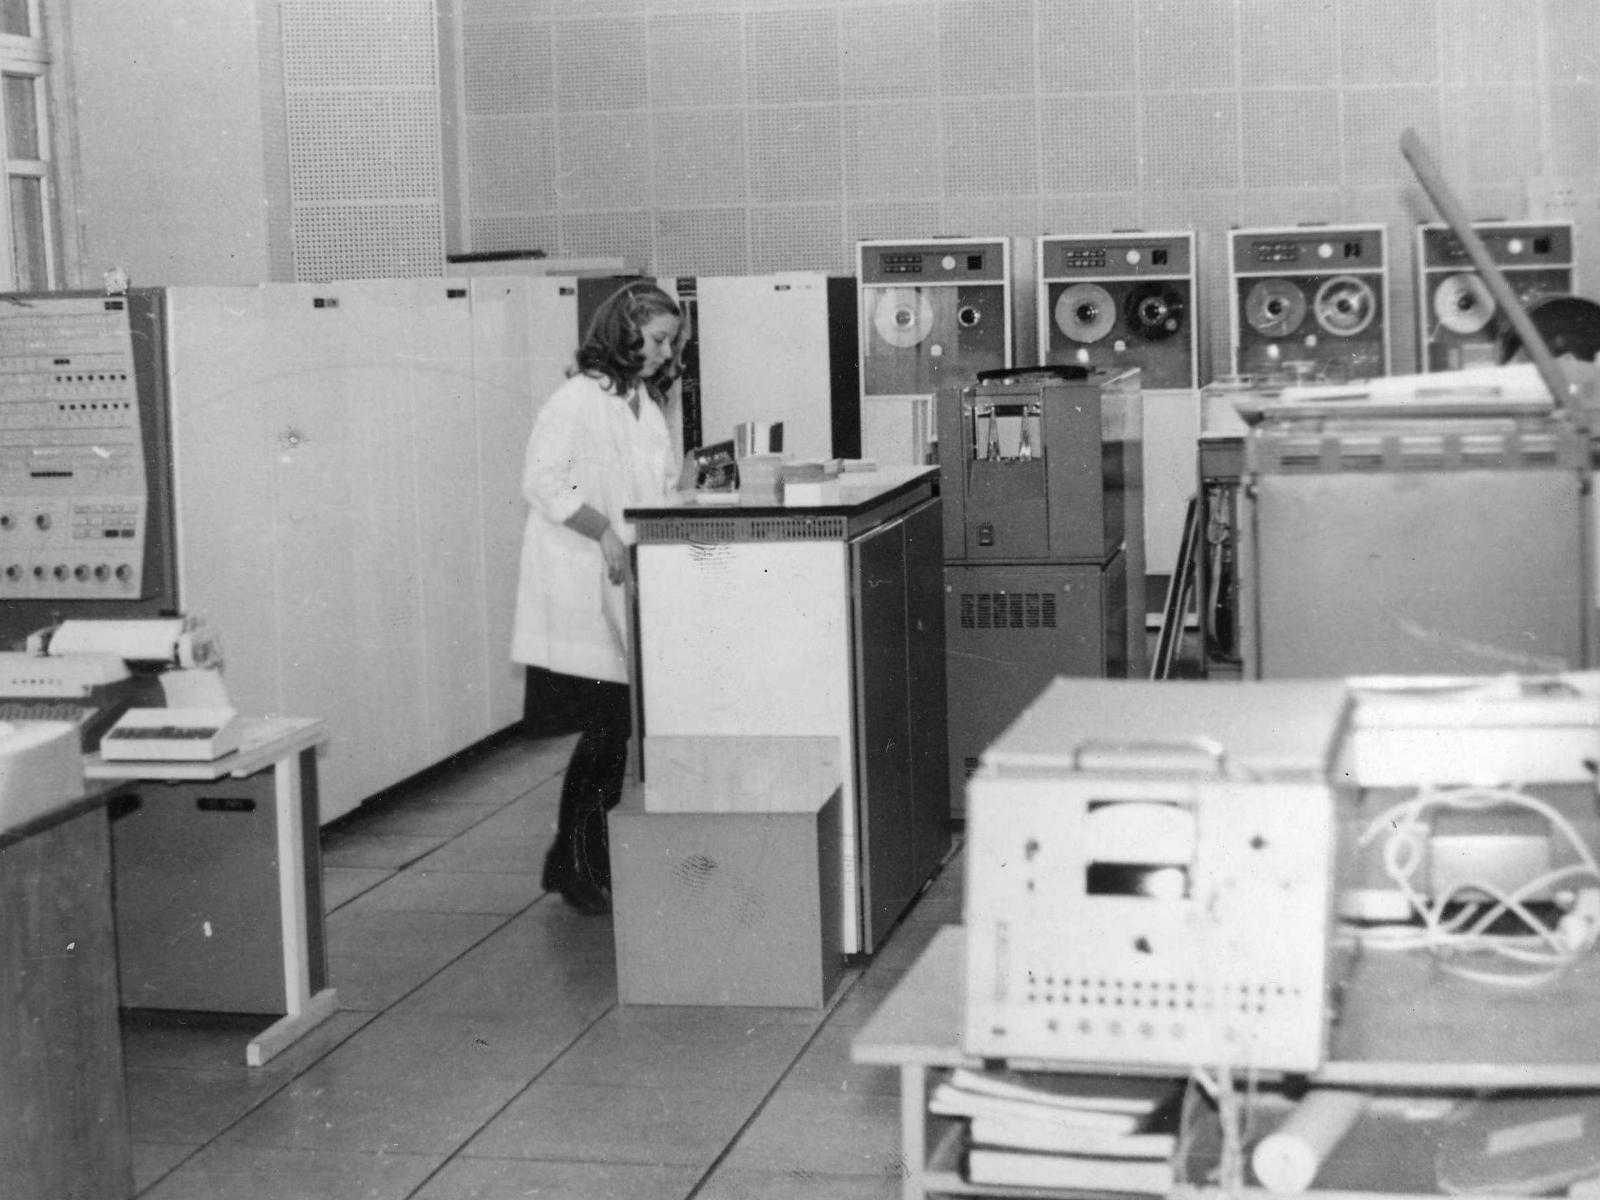 Вычислительная машина III поколения ЭВМ ЕС-1020 требует чистоты и нежного обращения